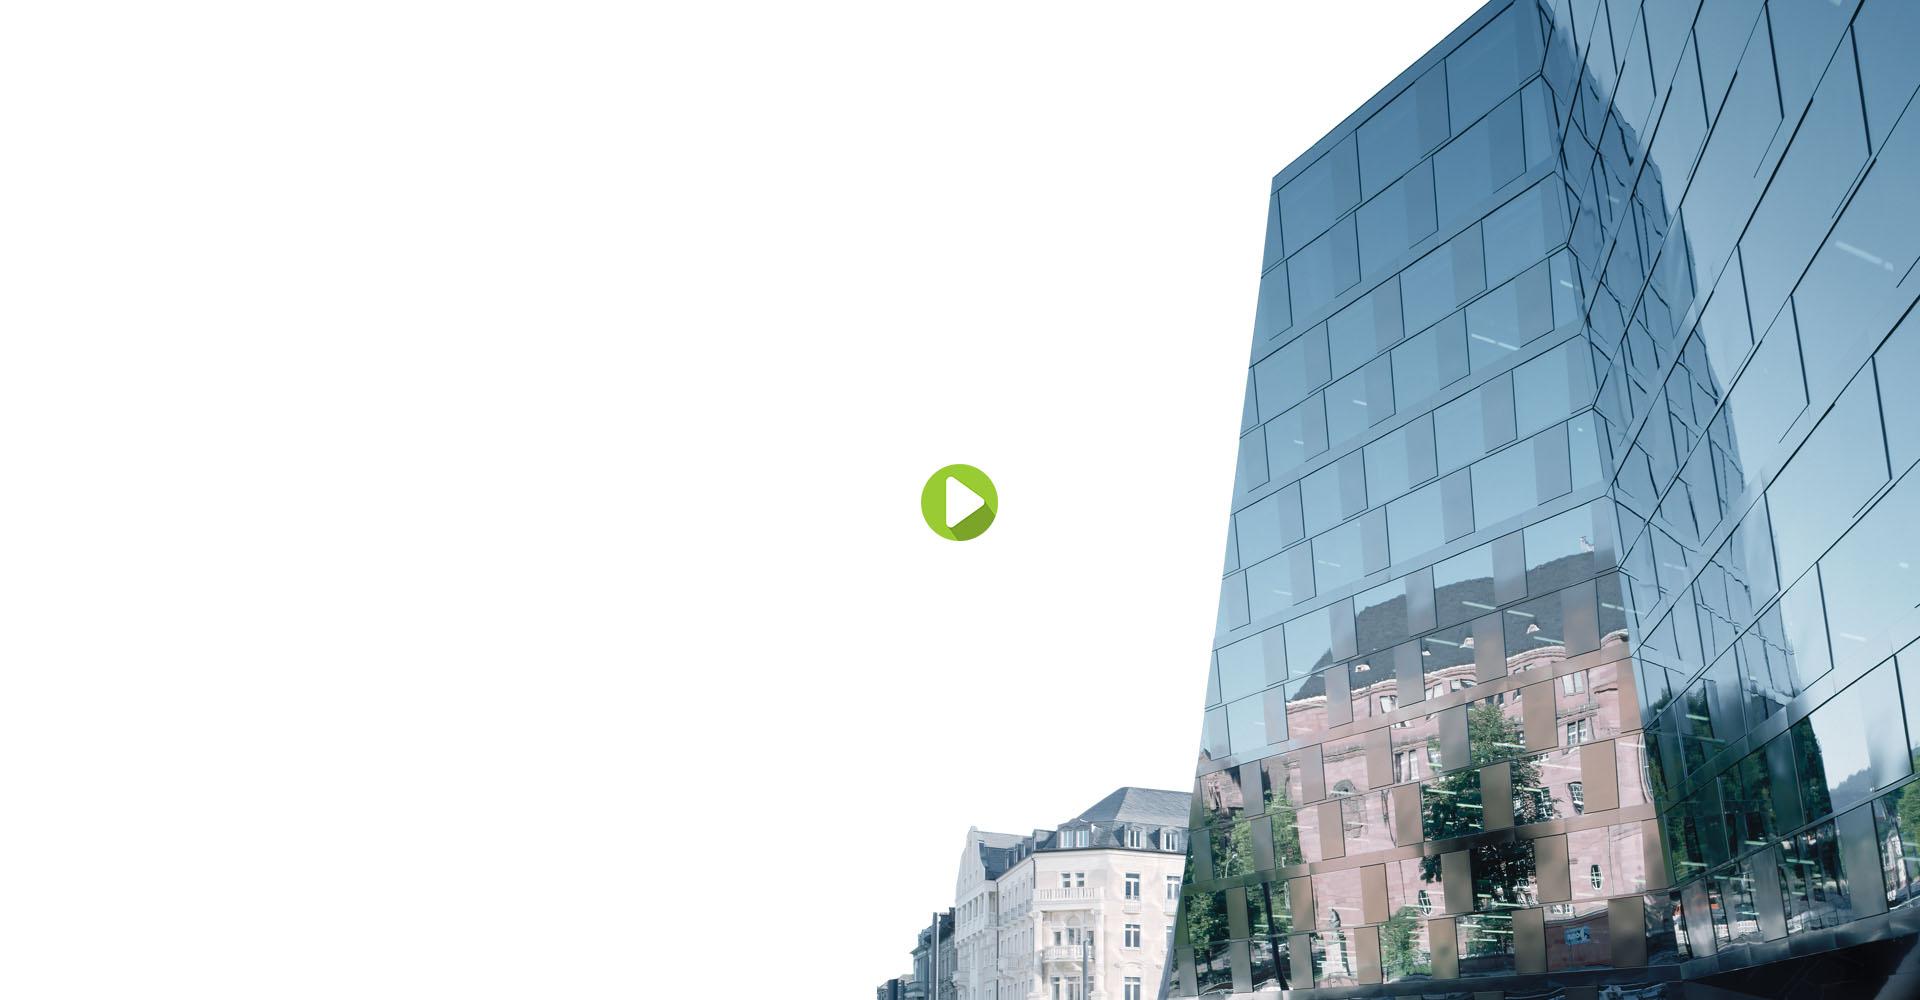 Créativité sans limites - Murs rideaux -ArchiCAD 22